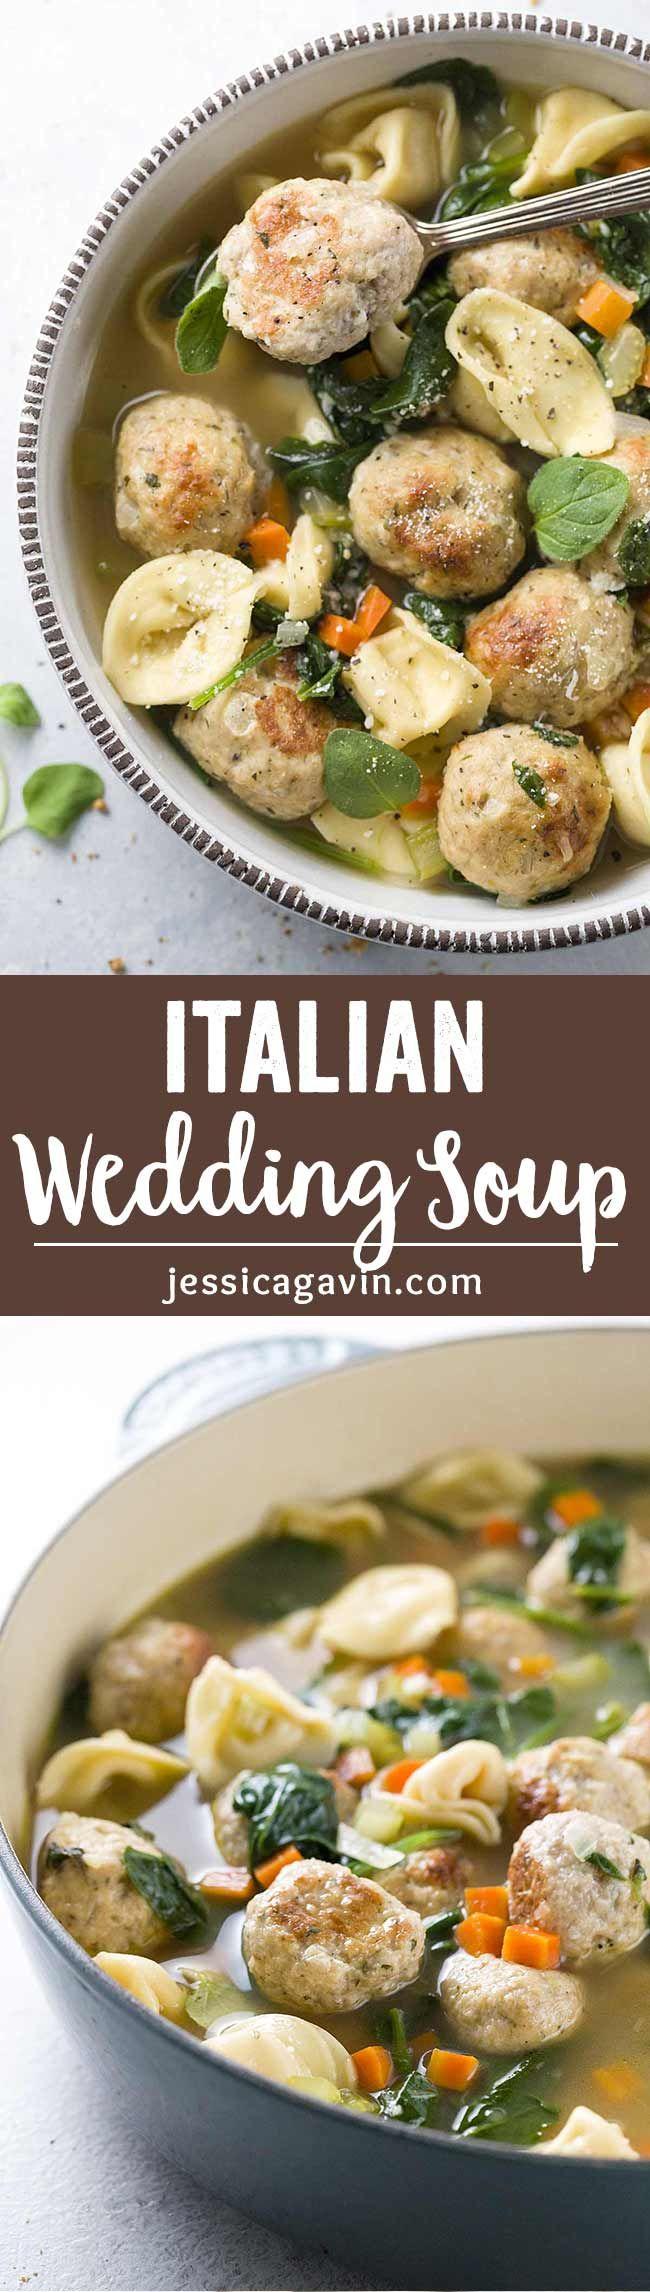 Best 25+ Italian wedding foods ideas on Pinterest ...